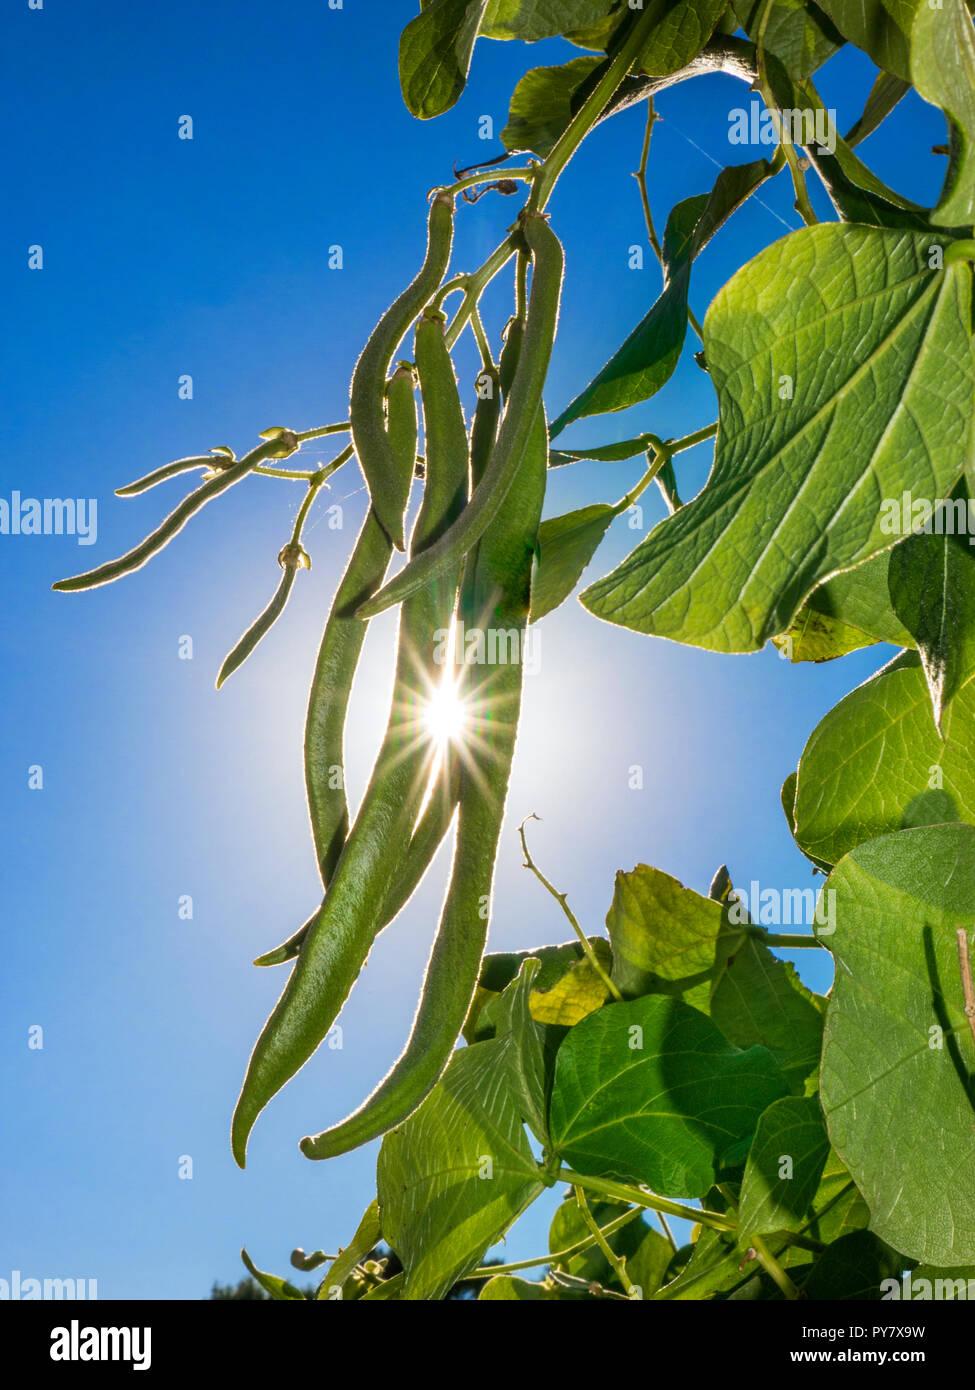 Haricot d''Moonlight' sur un châssis de jardin avec sun burst briser. Auto britannique haricots Pollinisateurs Banque D'Images